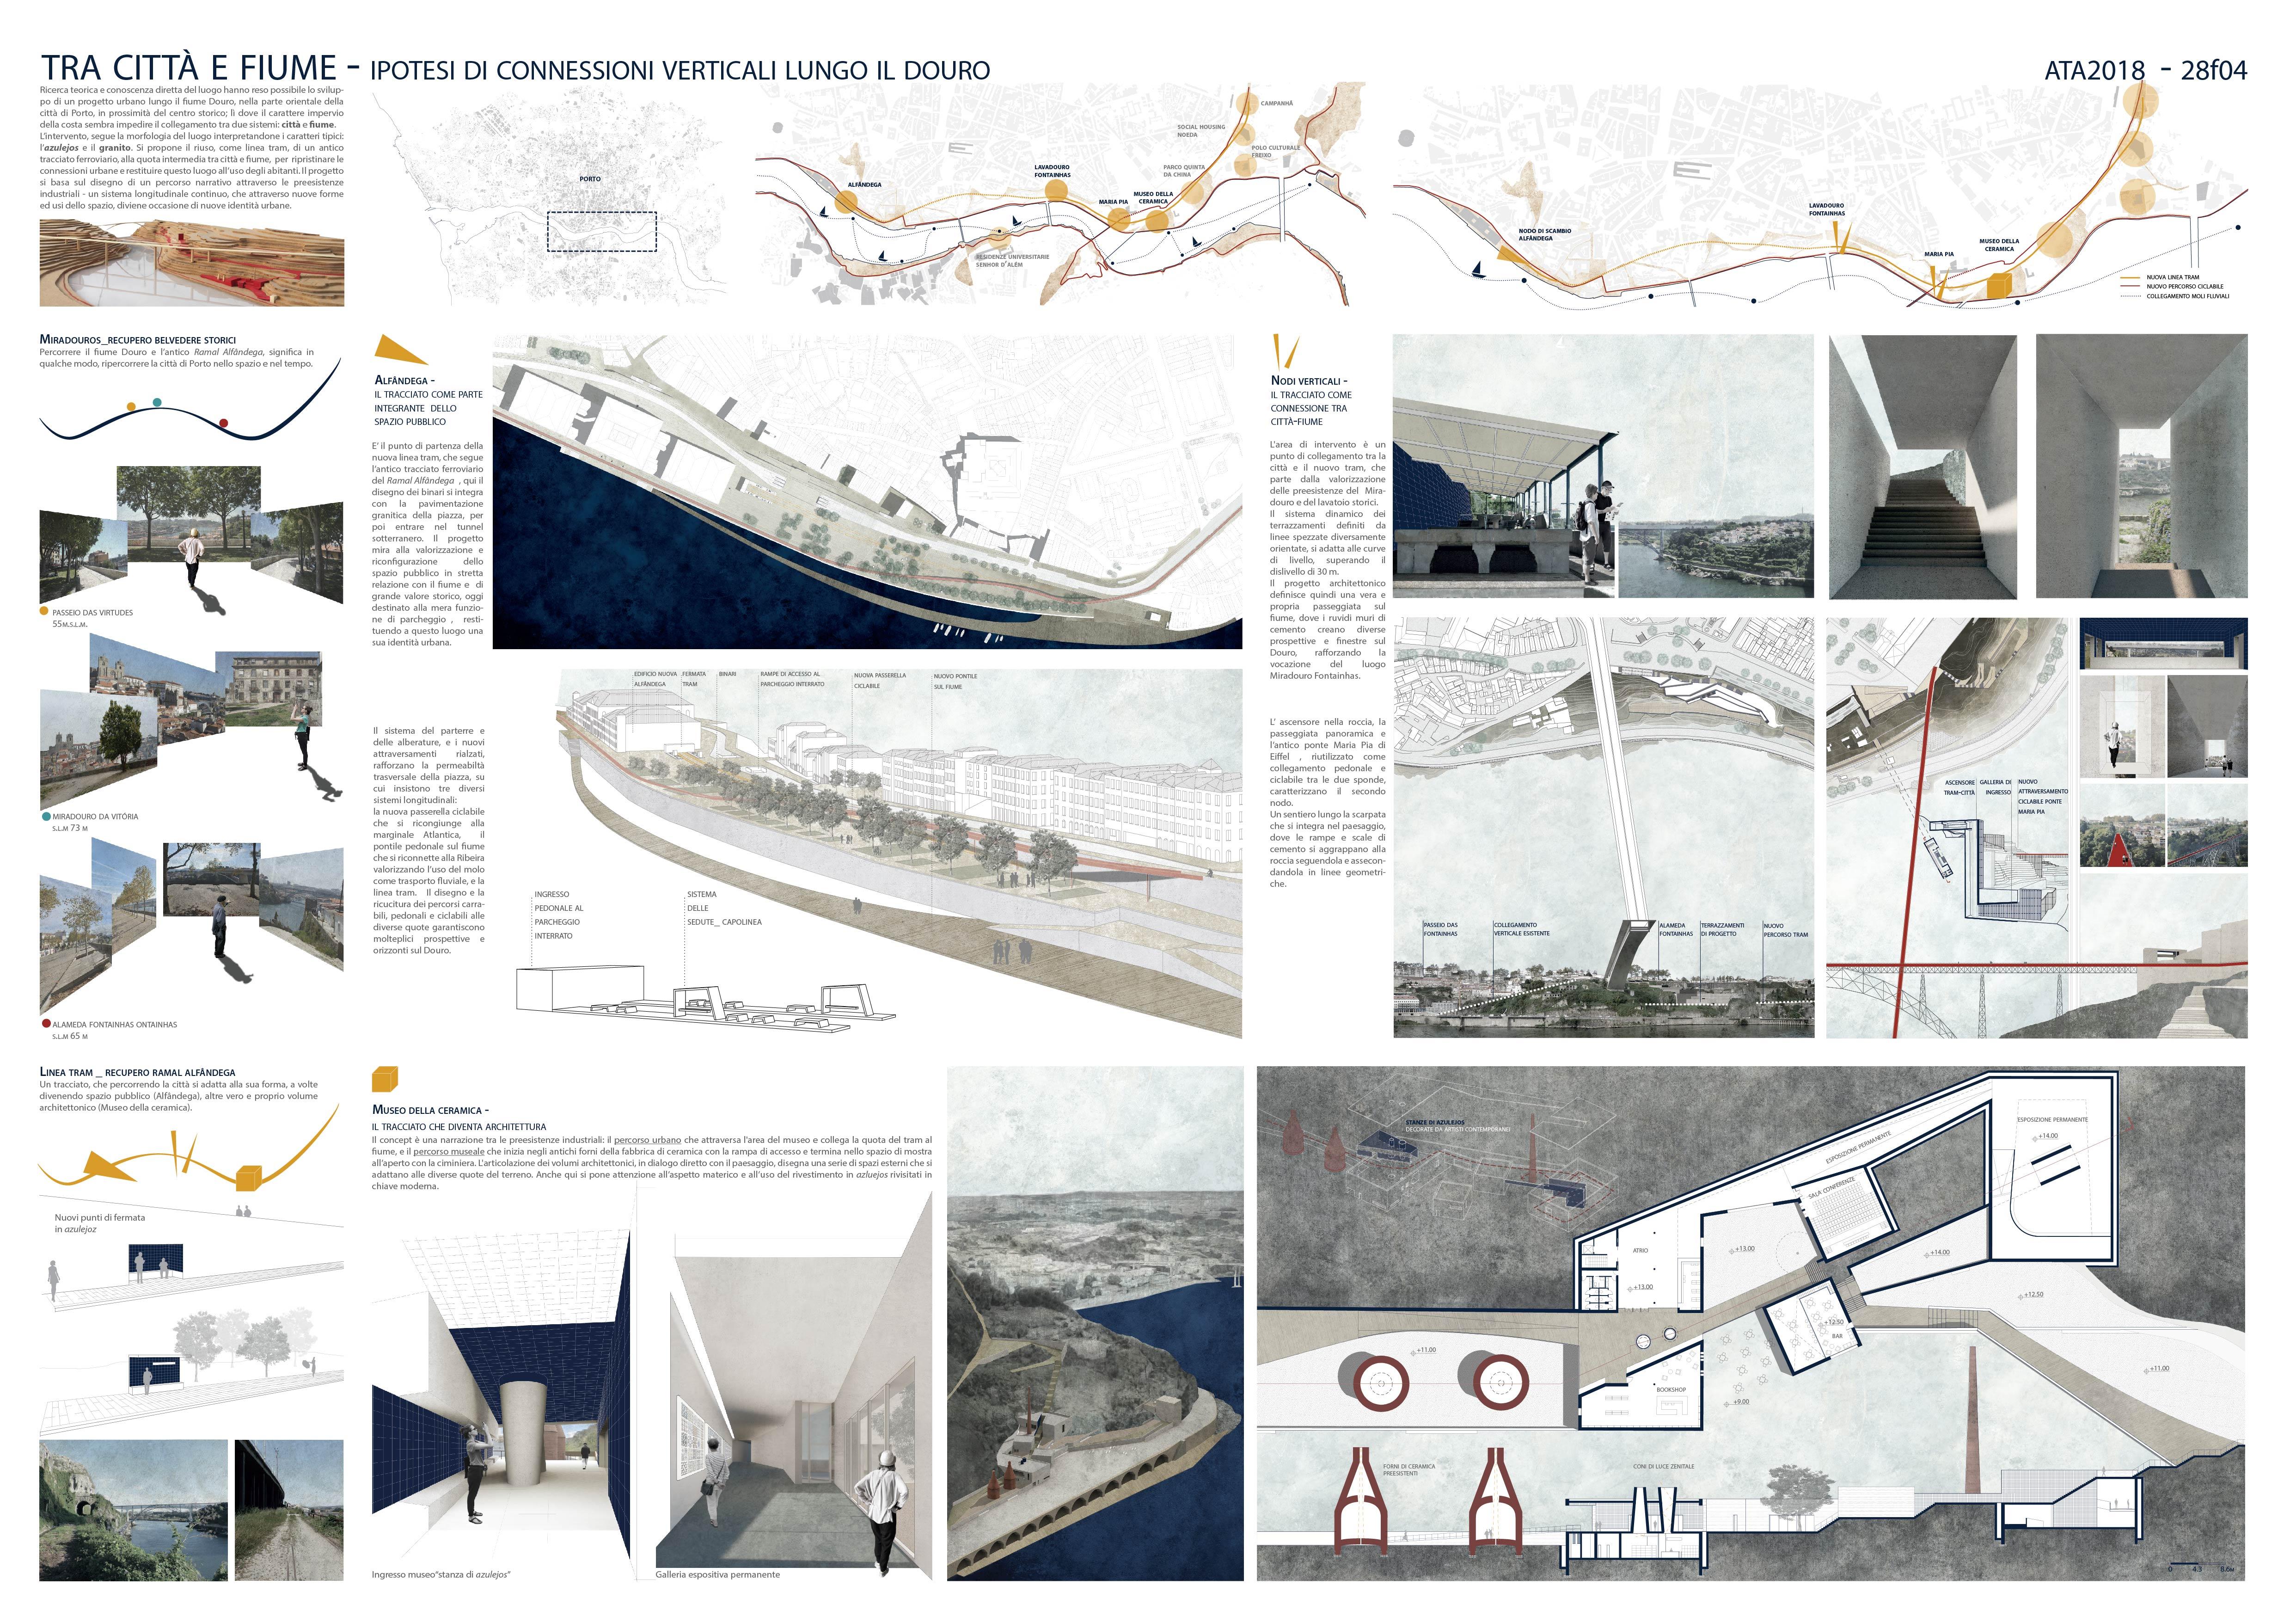 TRA CITTÀ E FIUME- Ipotesi di connessioni verticali lungo il Douro Board